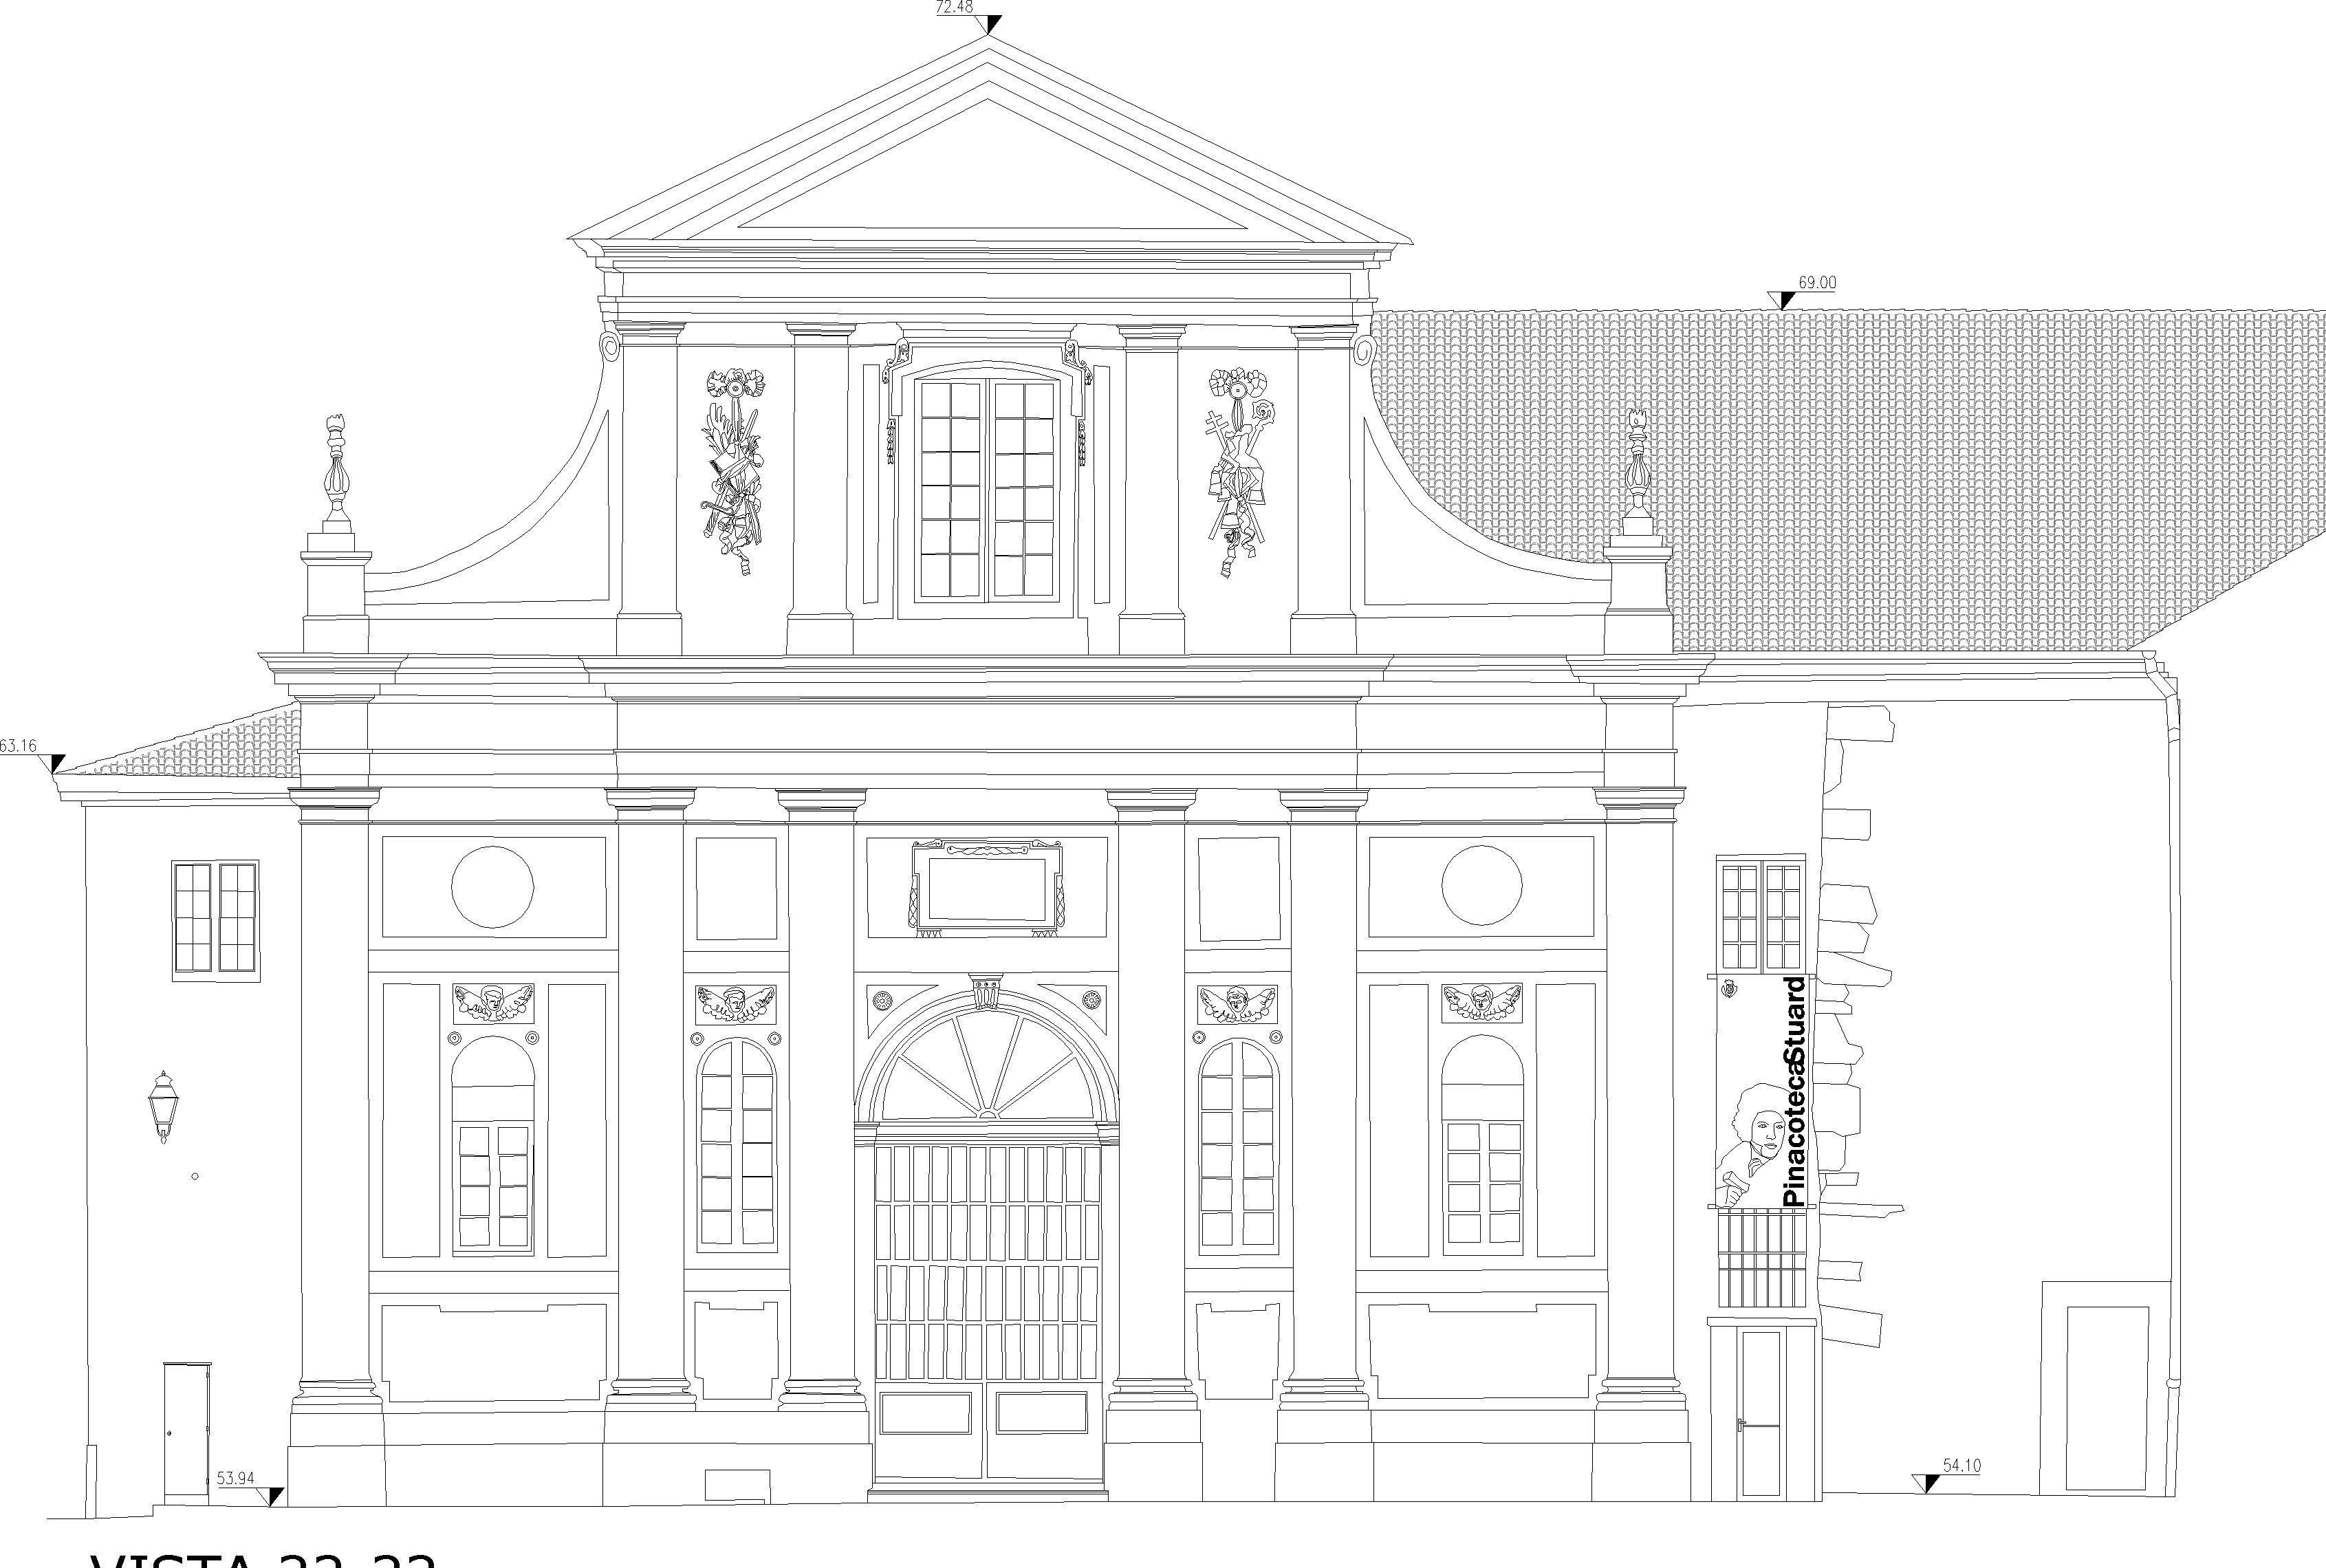 Disegno della facciata di un edificio rinascimentale